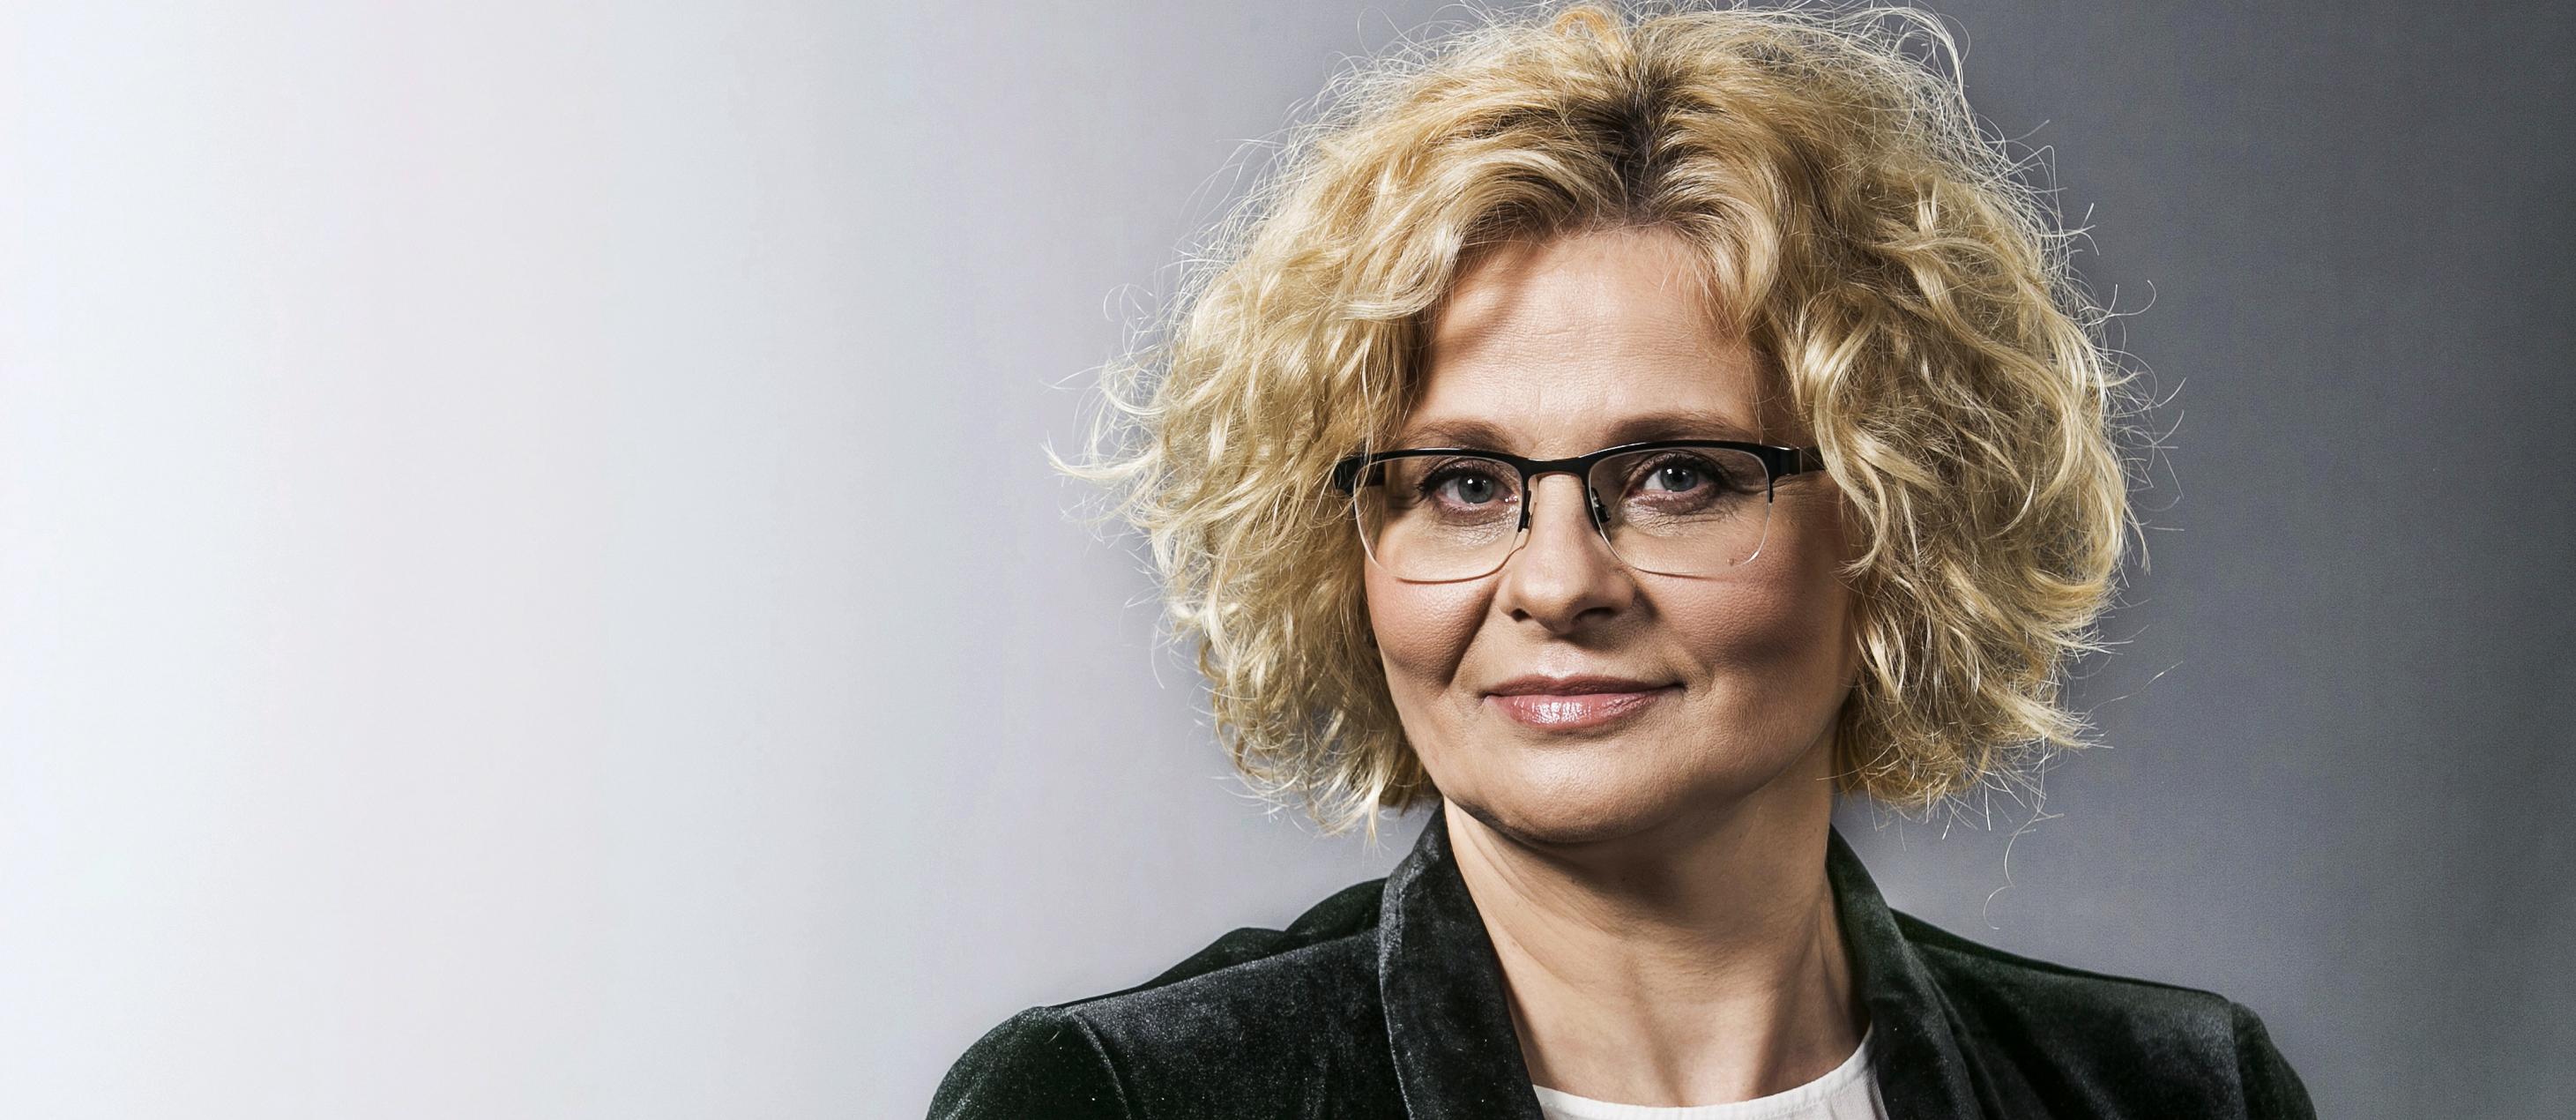 Monika Nowecka – Wiceprezes Zarządu, Partner Zarządzająca Działem Usług Księgowych i Kadrowo-Płacowych Mazars